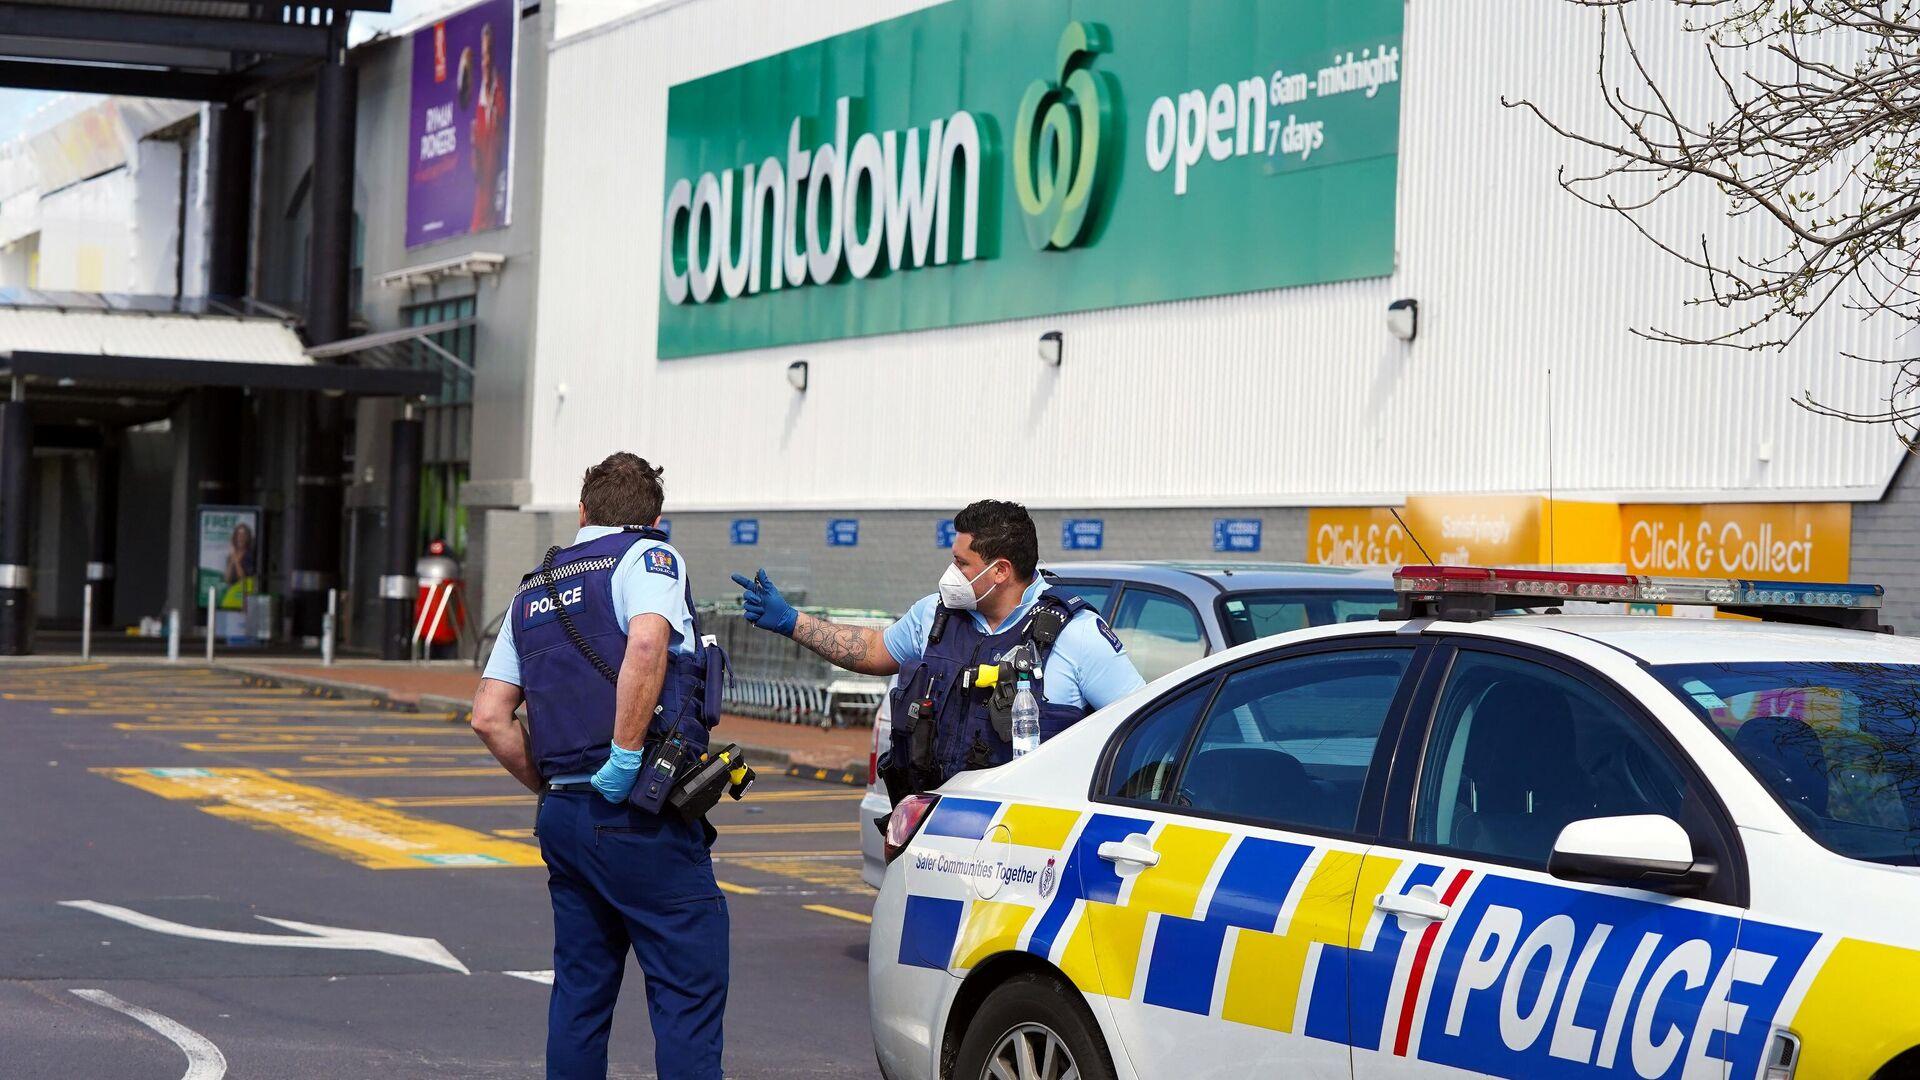 Die Polizei hält Wache vor dem Countdown-Supermarkt in der Lynn Mall in Auckland am 4. September 2021 - SNA, 1920, 04.09.2021